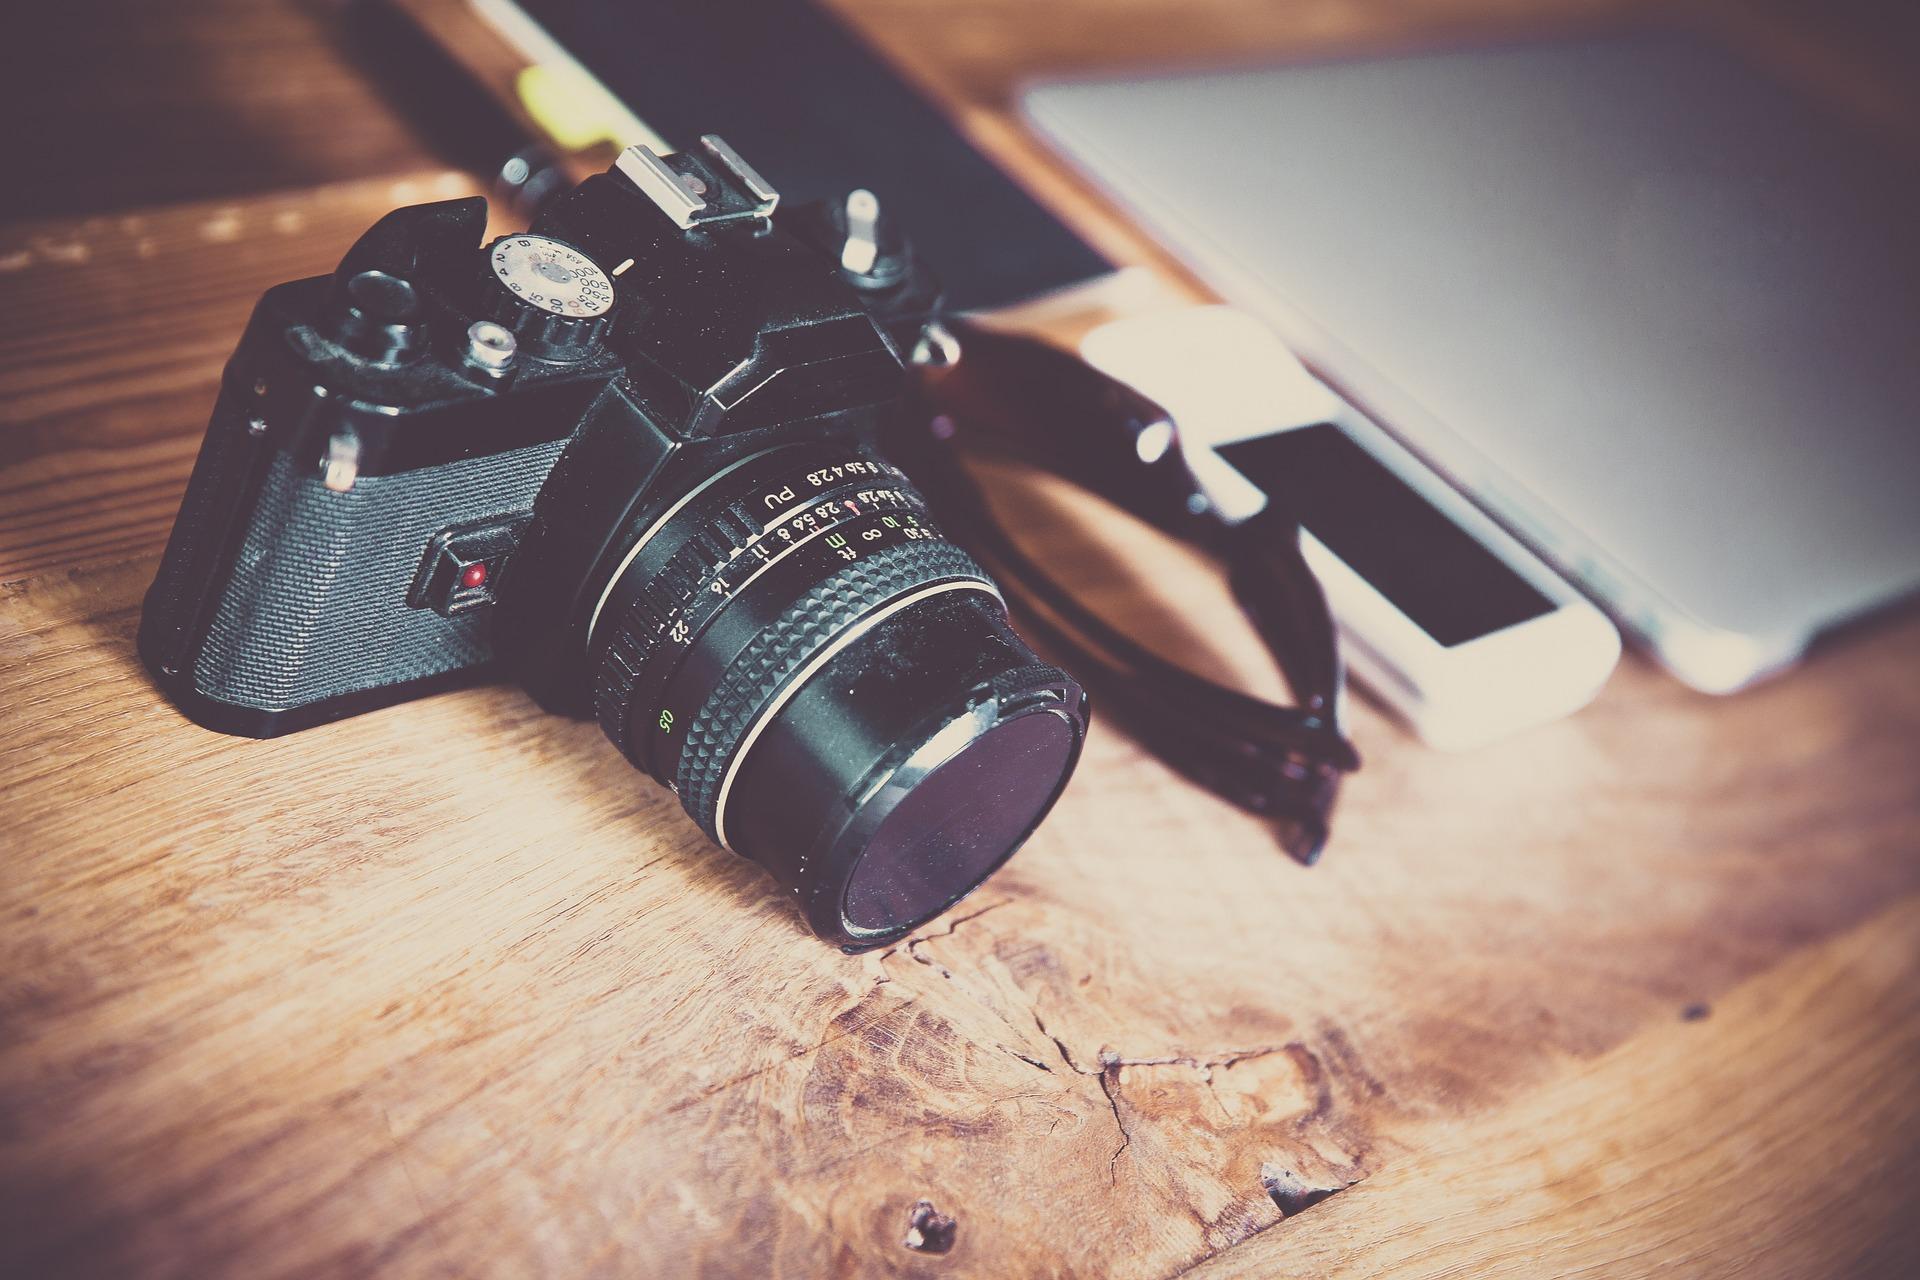 Vender fotos como forma ganhar de dinheiro na internet